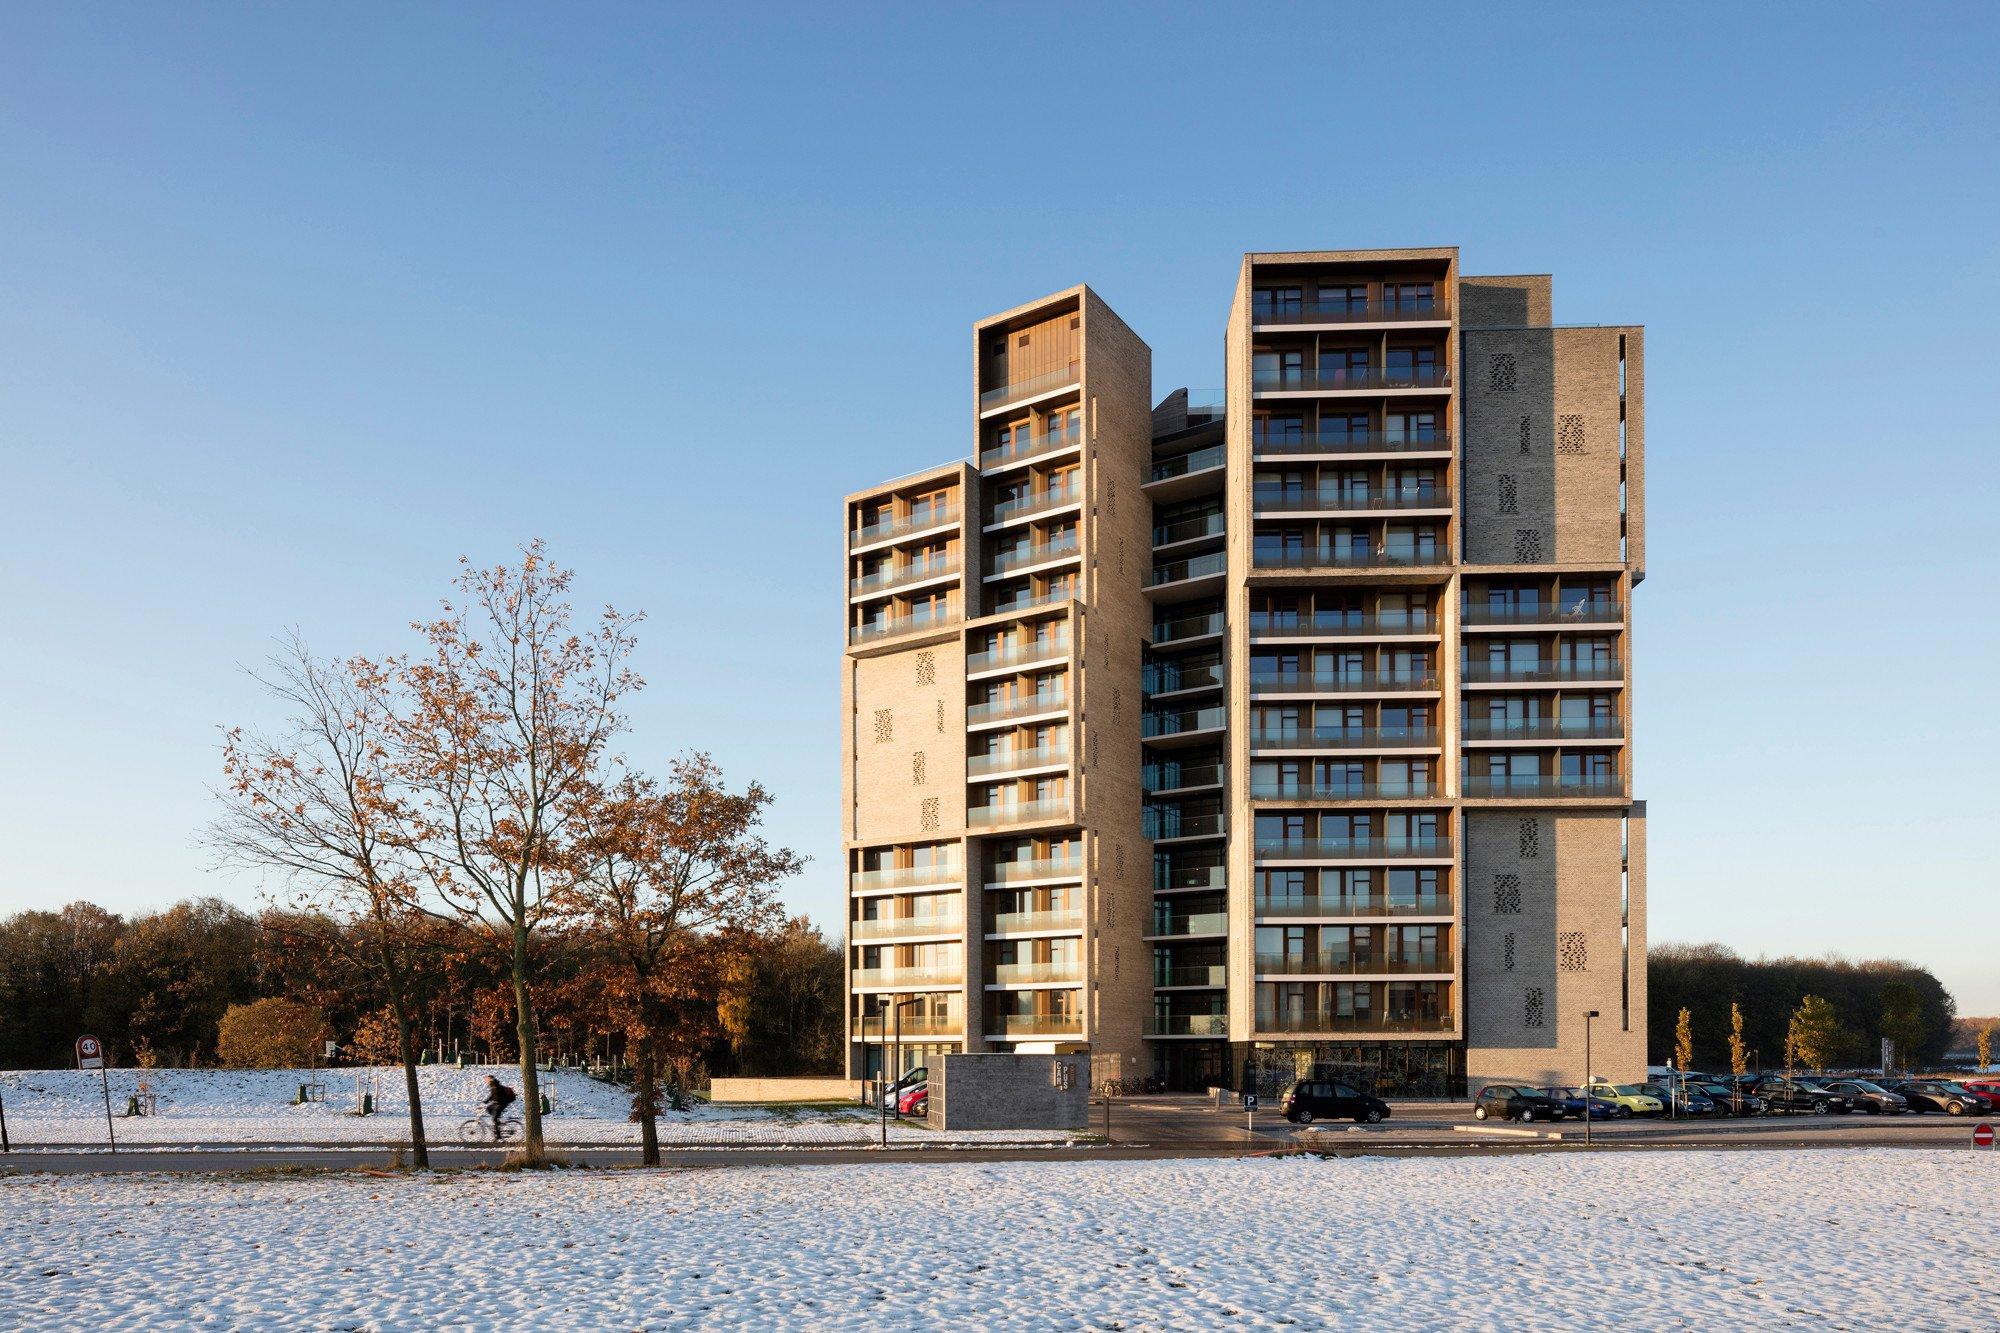 Studentenwohnheim Campus Kollegiet in Odense | Mauerwerk | Soziale Einrichtungen | Baunetz_Wissen